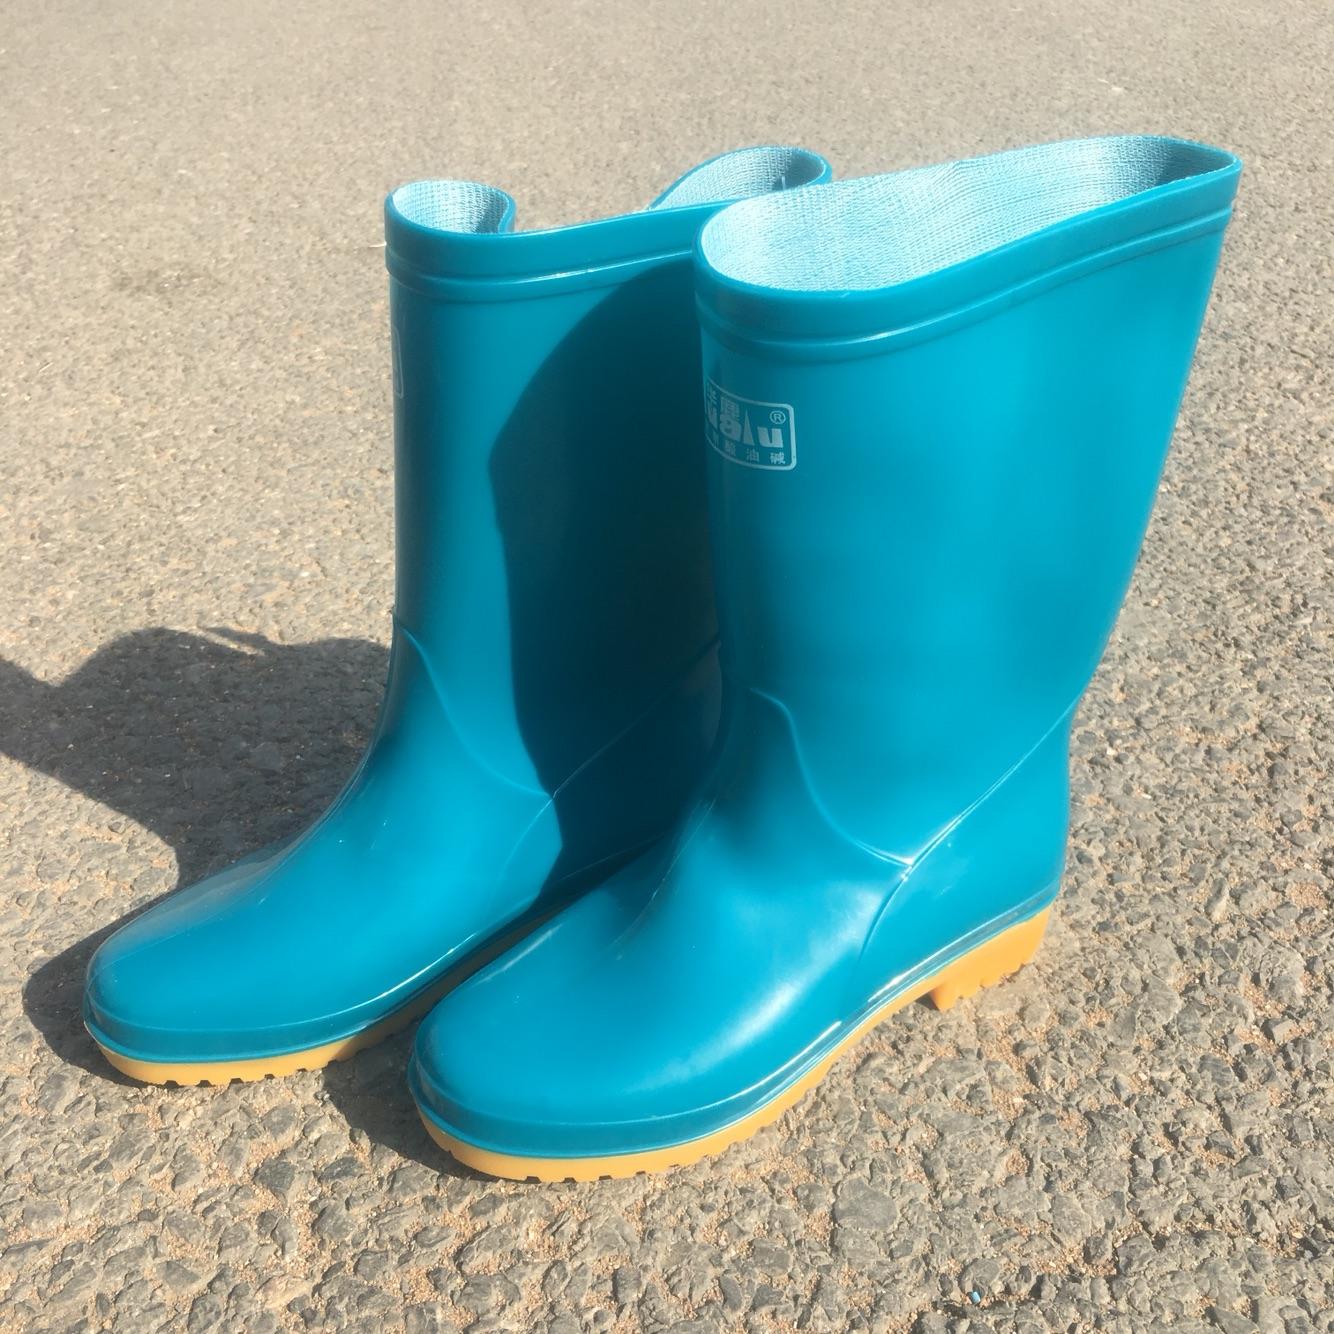 Летние креветки, ботинки для воды, сапоги для дождя, ловить море мужской Обувь женская одежда нескользящие